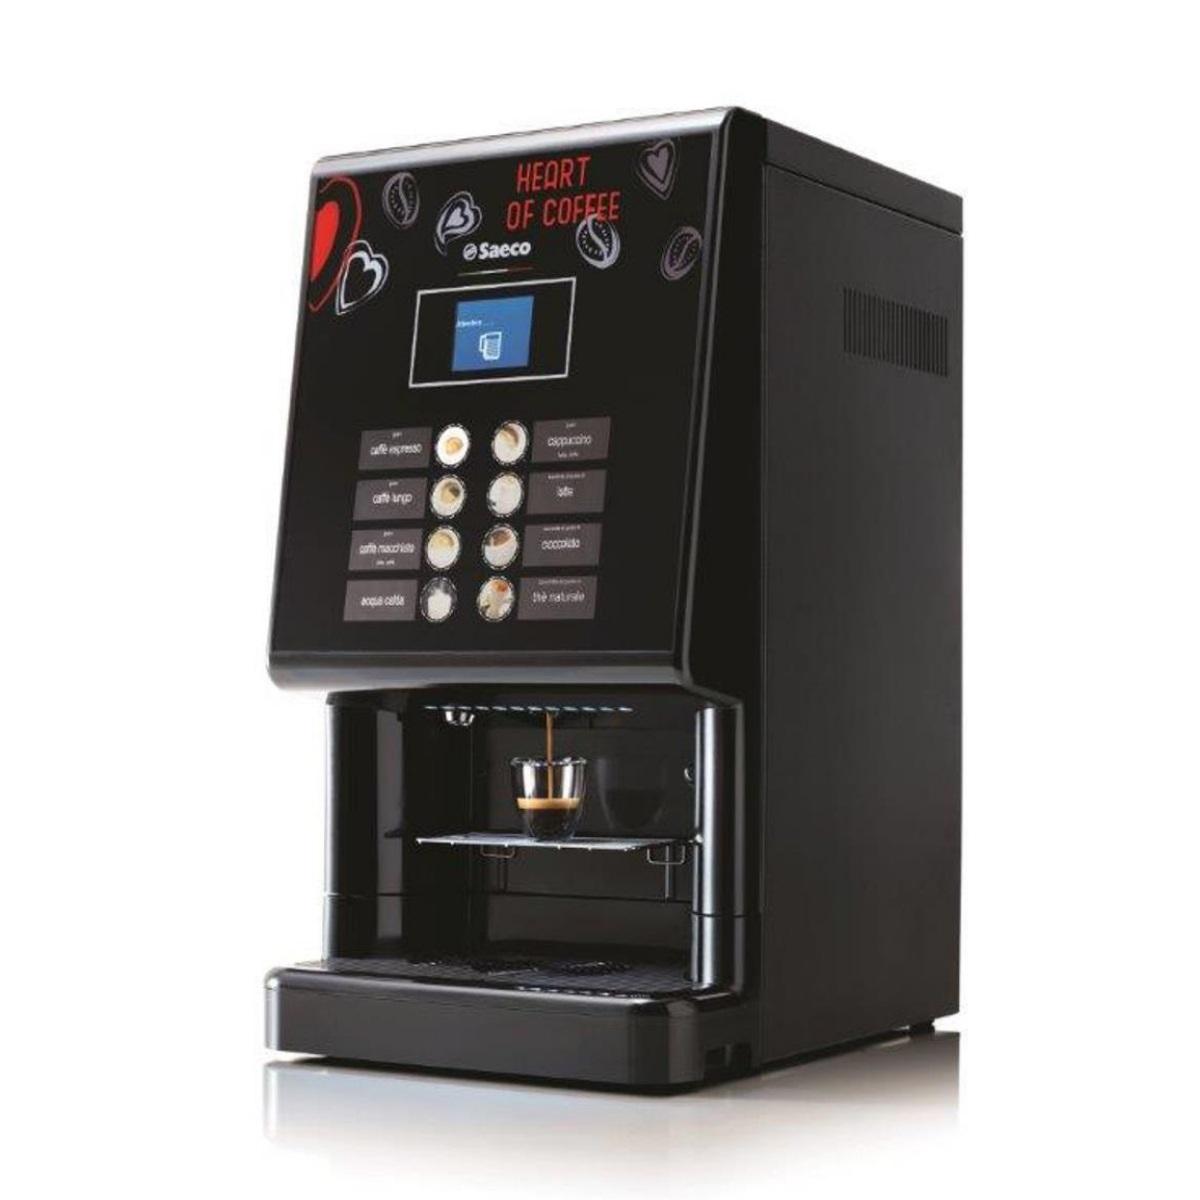 מסודר פתרונות קפה לעסקים - פאוזה LG-14